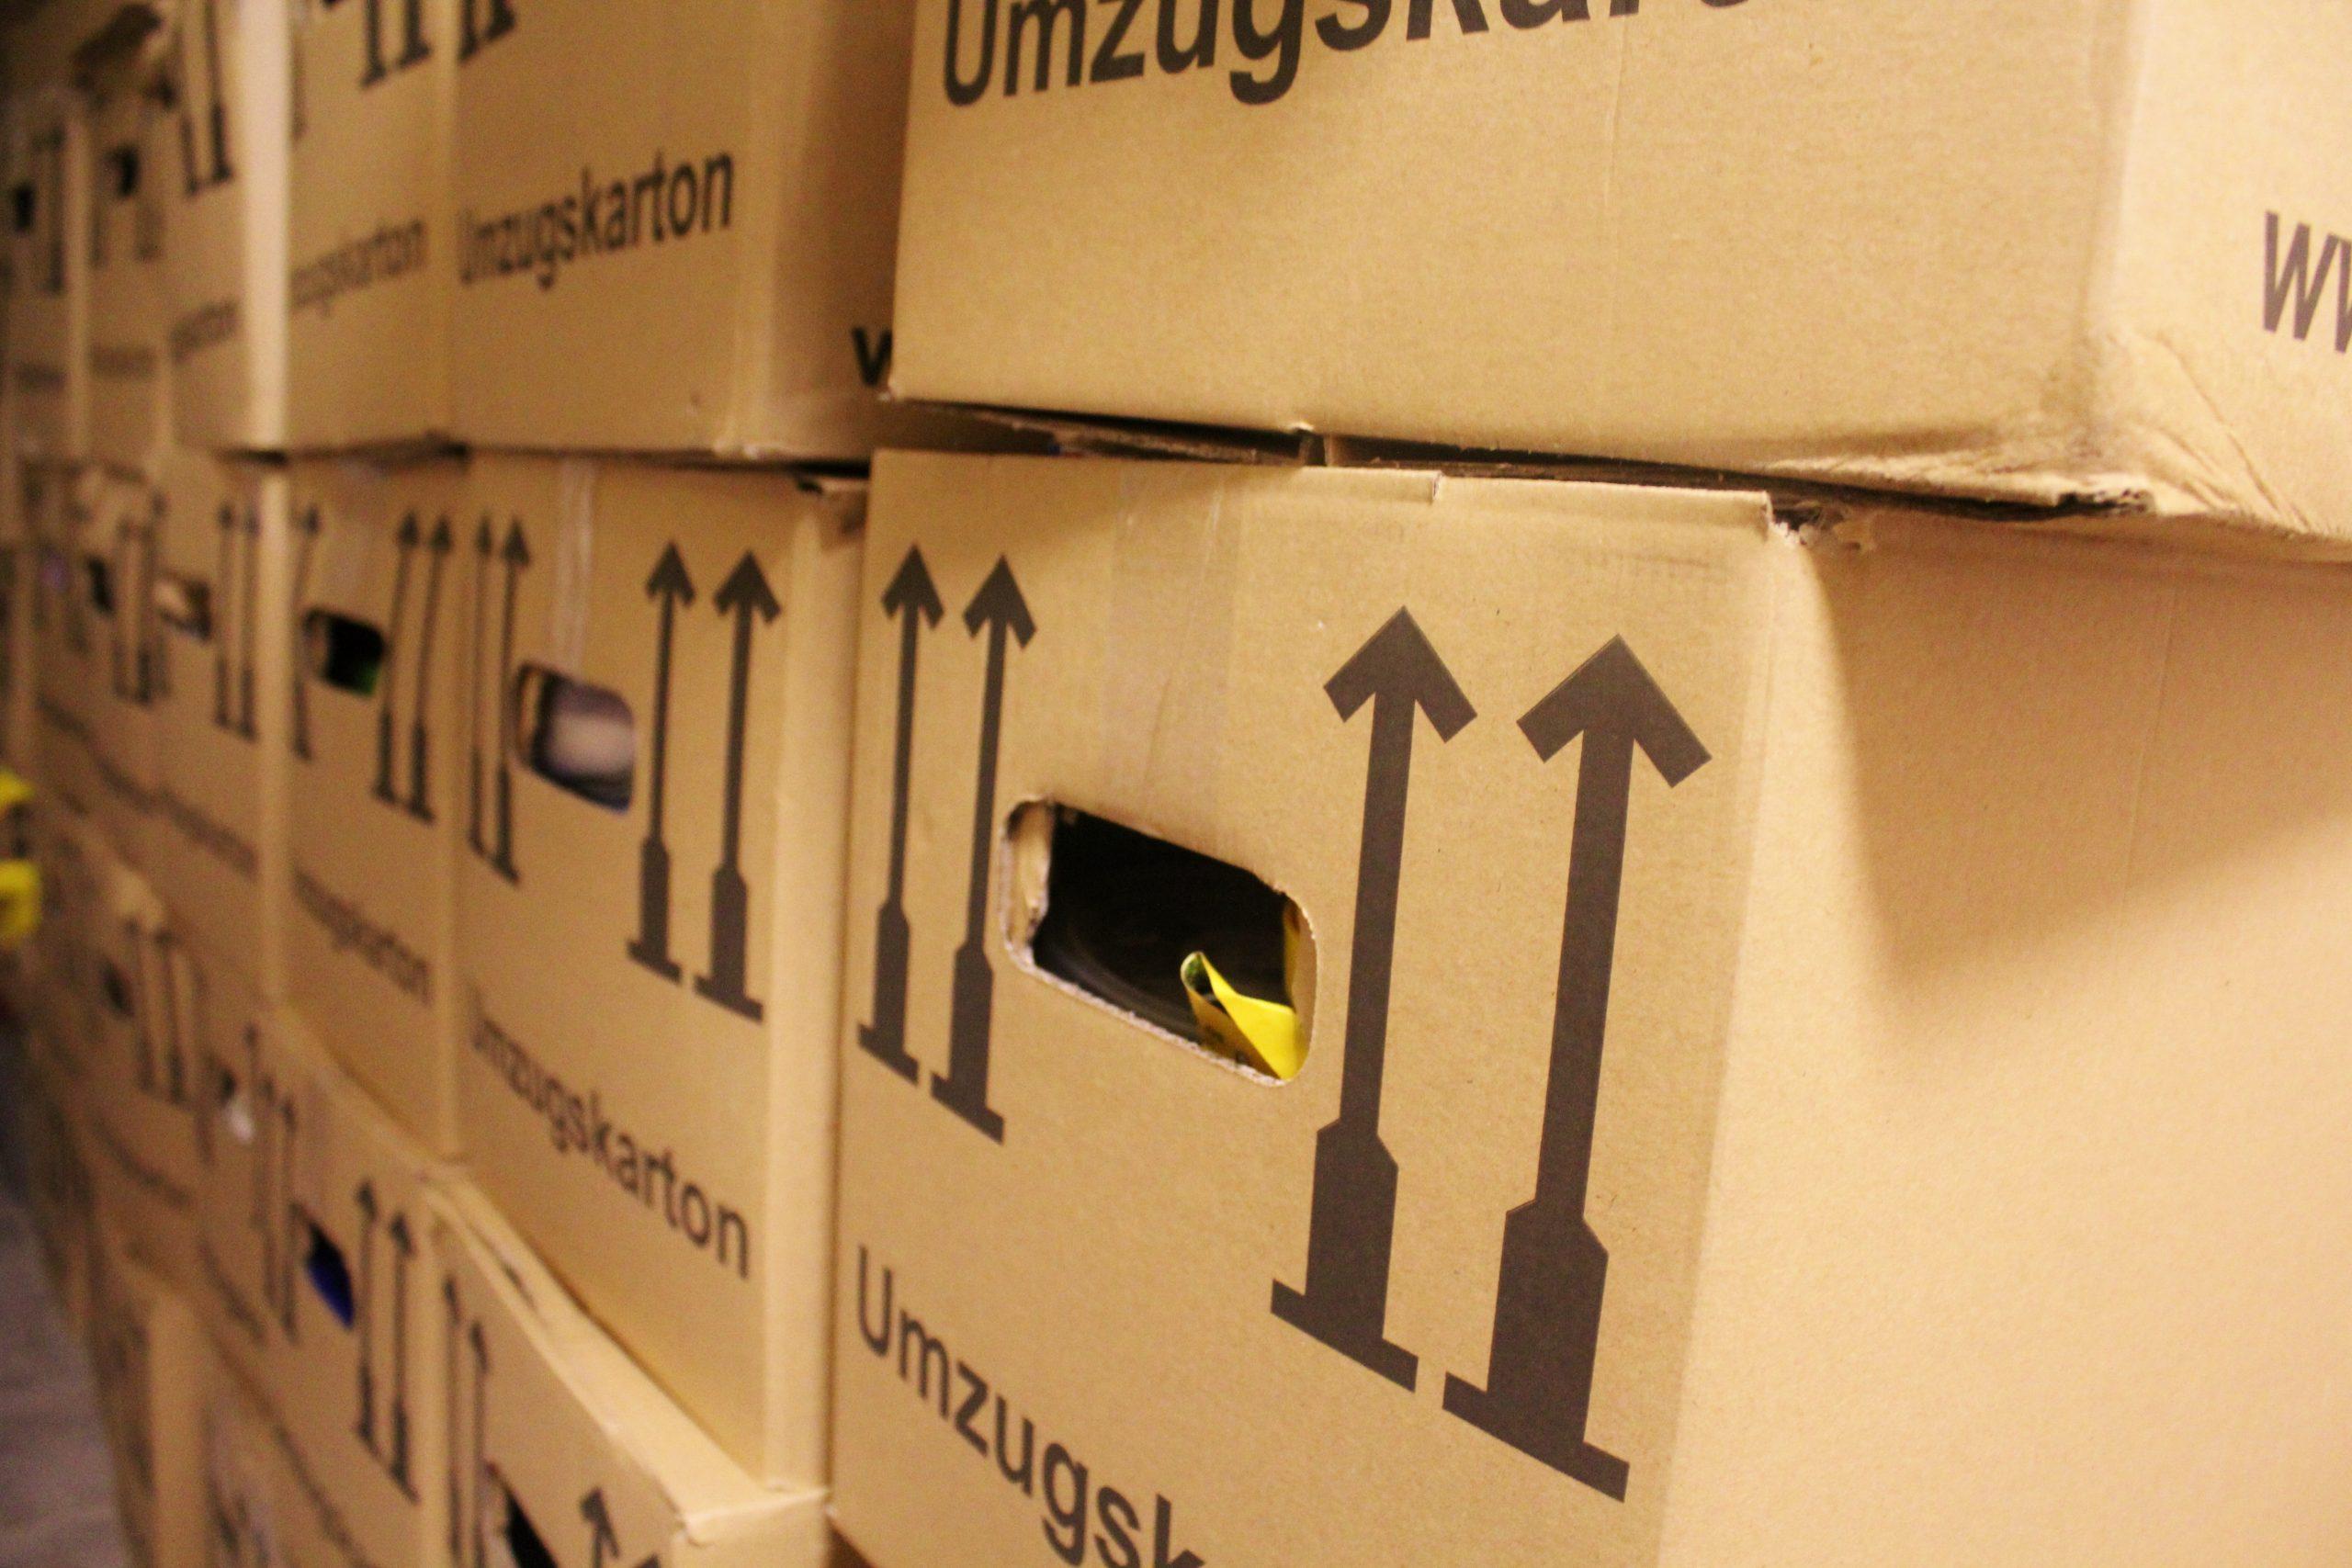 Full Size of Essen Vor Teppich Küche Mit Tresen Buche Fototapete Ebay Landhaus Spülbecken Doppel Mülleimer Nischenrückwand Salamander Keramik Waschbecken Sideboard Küche Küche Umziehen